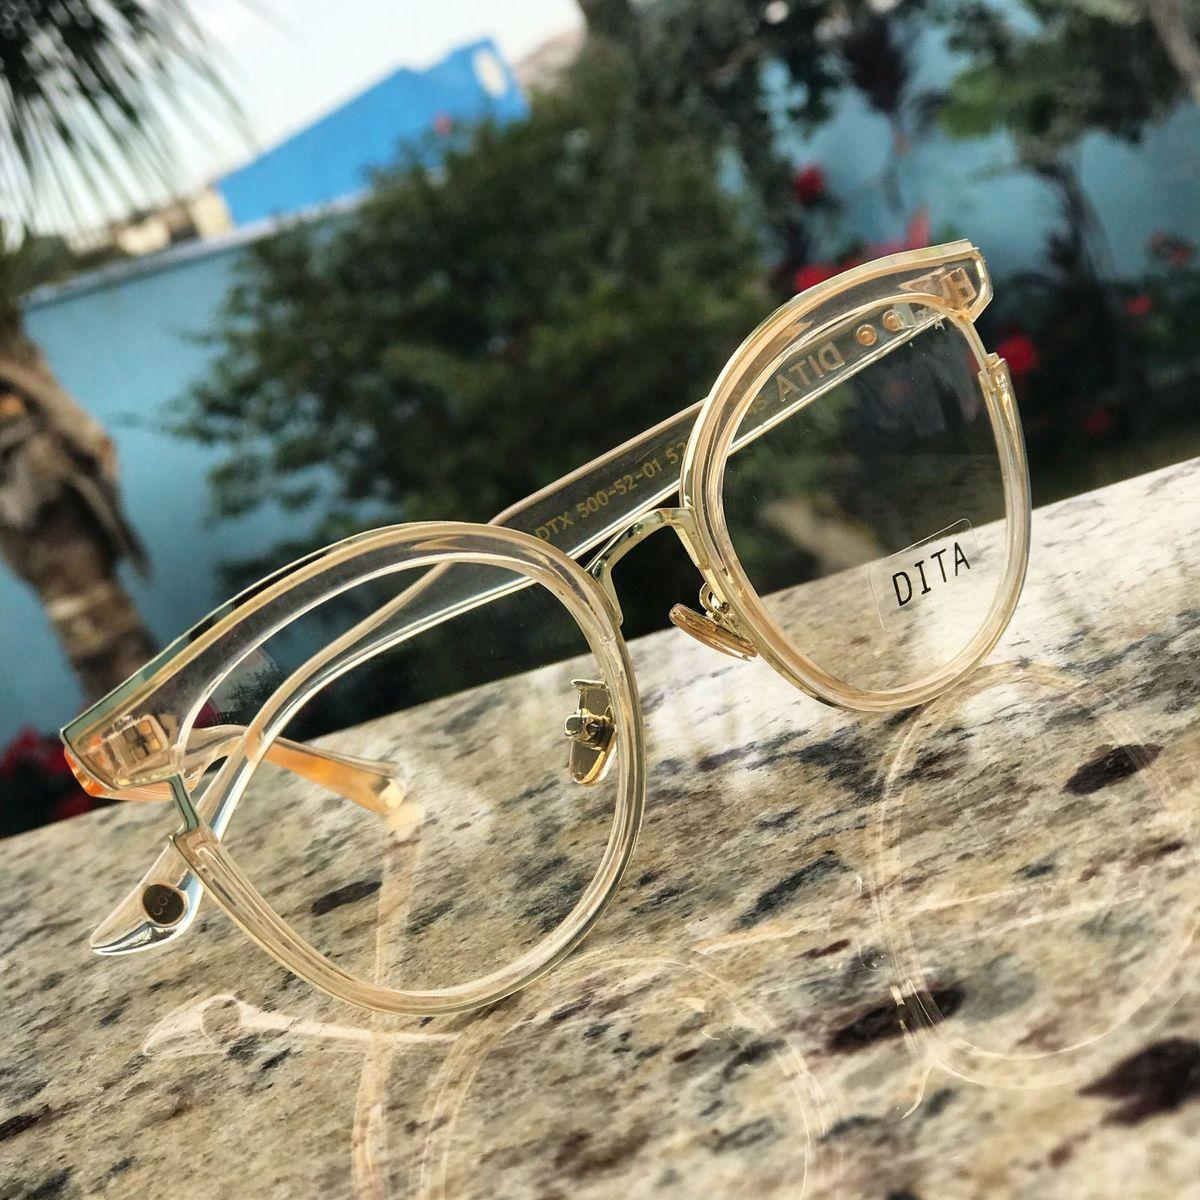 armação de grau dita - óculos celine.  Czm6ly9wag90b3muzw5qb2vplmnvbs5ici9wcm9kdwn0cy8xmdc0ntavyjhhntq3ztc4ntbjmdfhzjhlymy2mtzlmdczmdiyndmuanbn  ... cc2a0cdd34